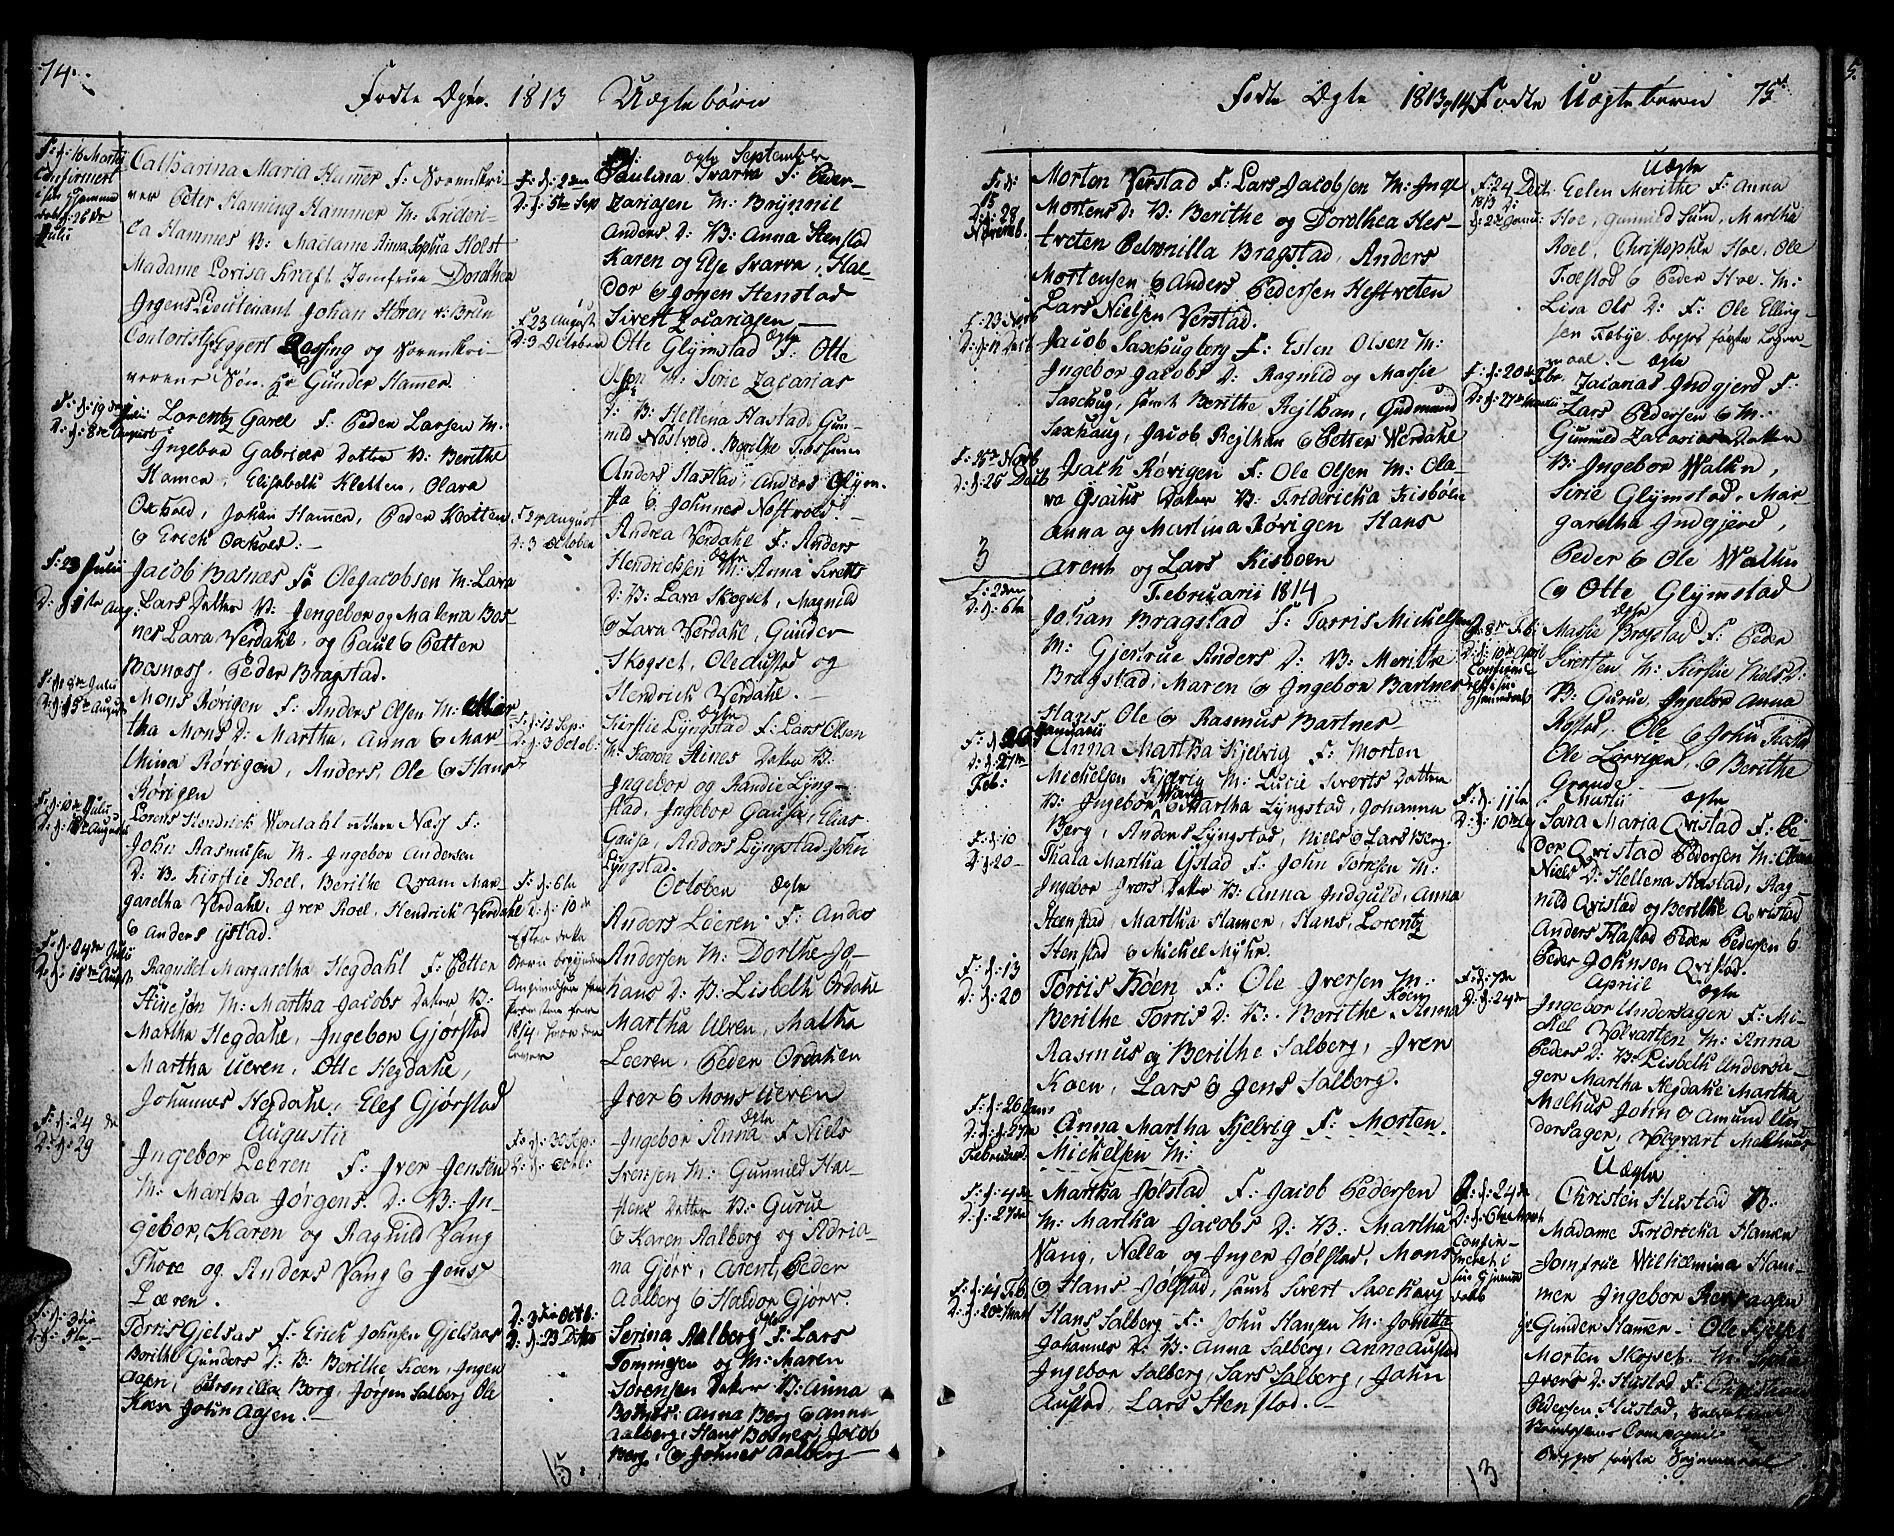 SAT, Ministerialprotokoller, klokkerbøker og fødselsregistre - Nord-Trøndelag, 730/L0274: Ministerialbok nr. 730A03, 1802-1816, s. 74-75